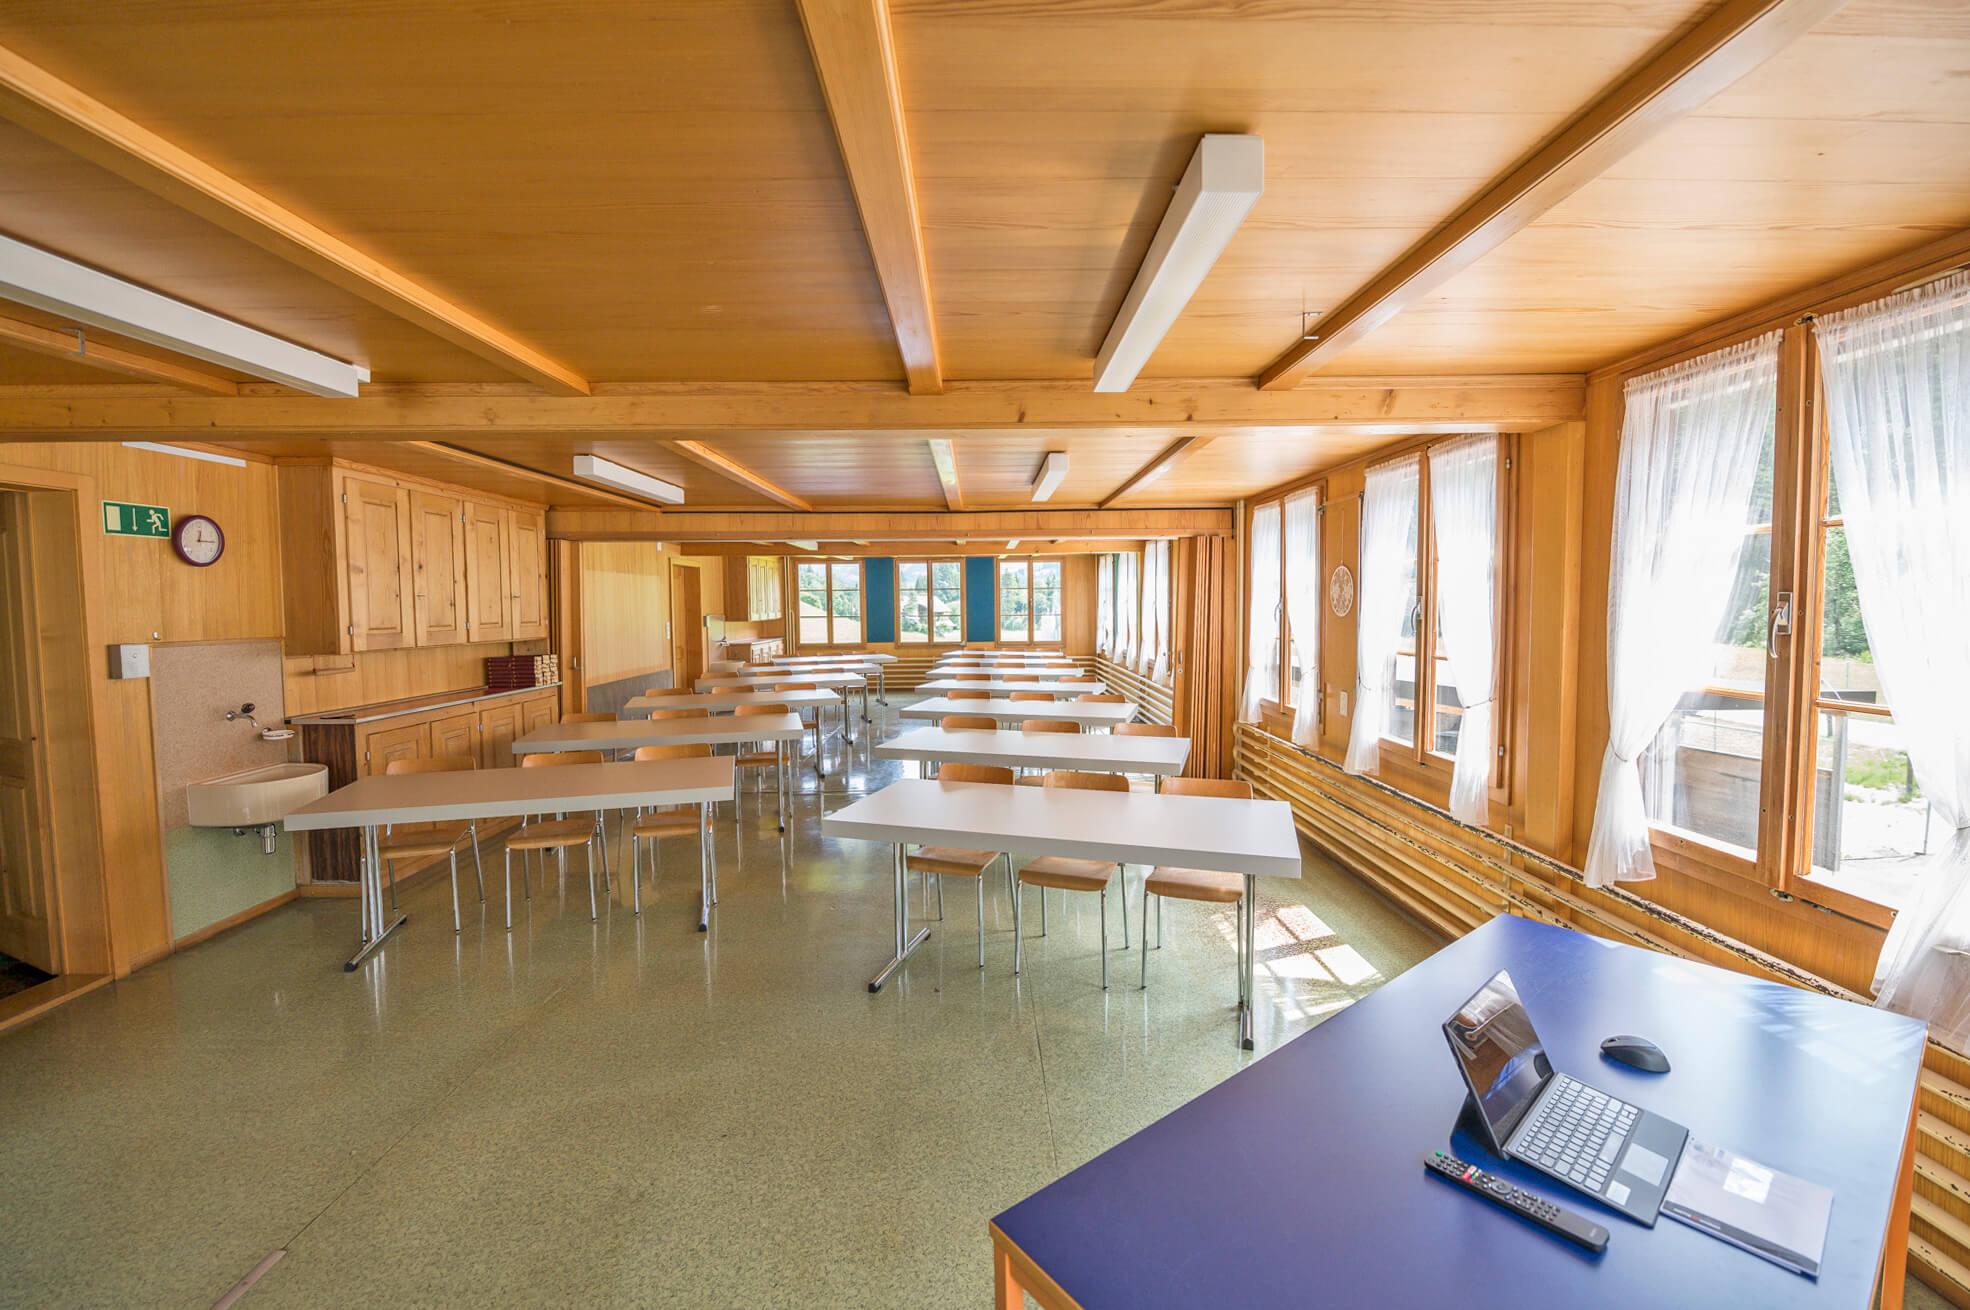 Heller Seminarraum mit guter elektronischer Einrichtung